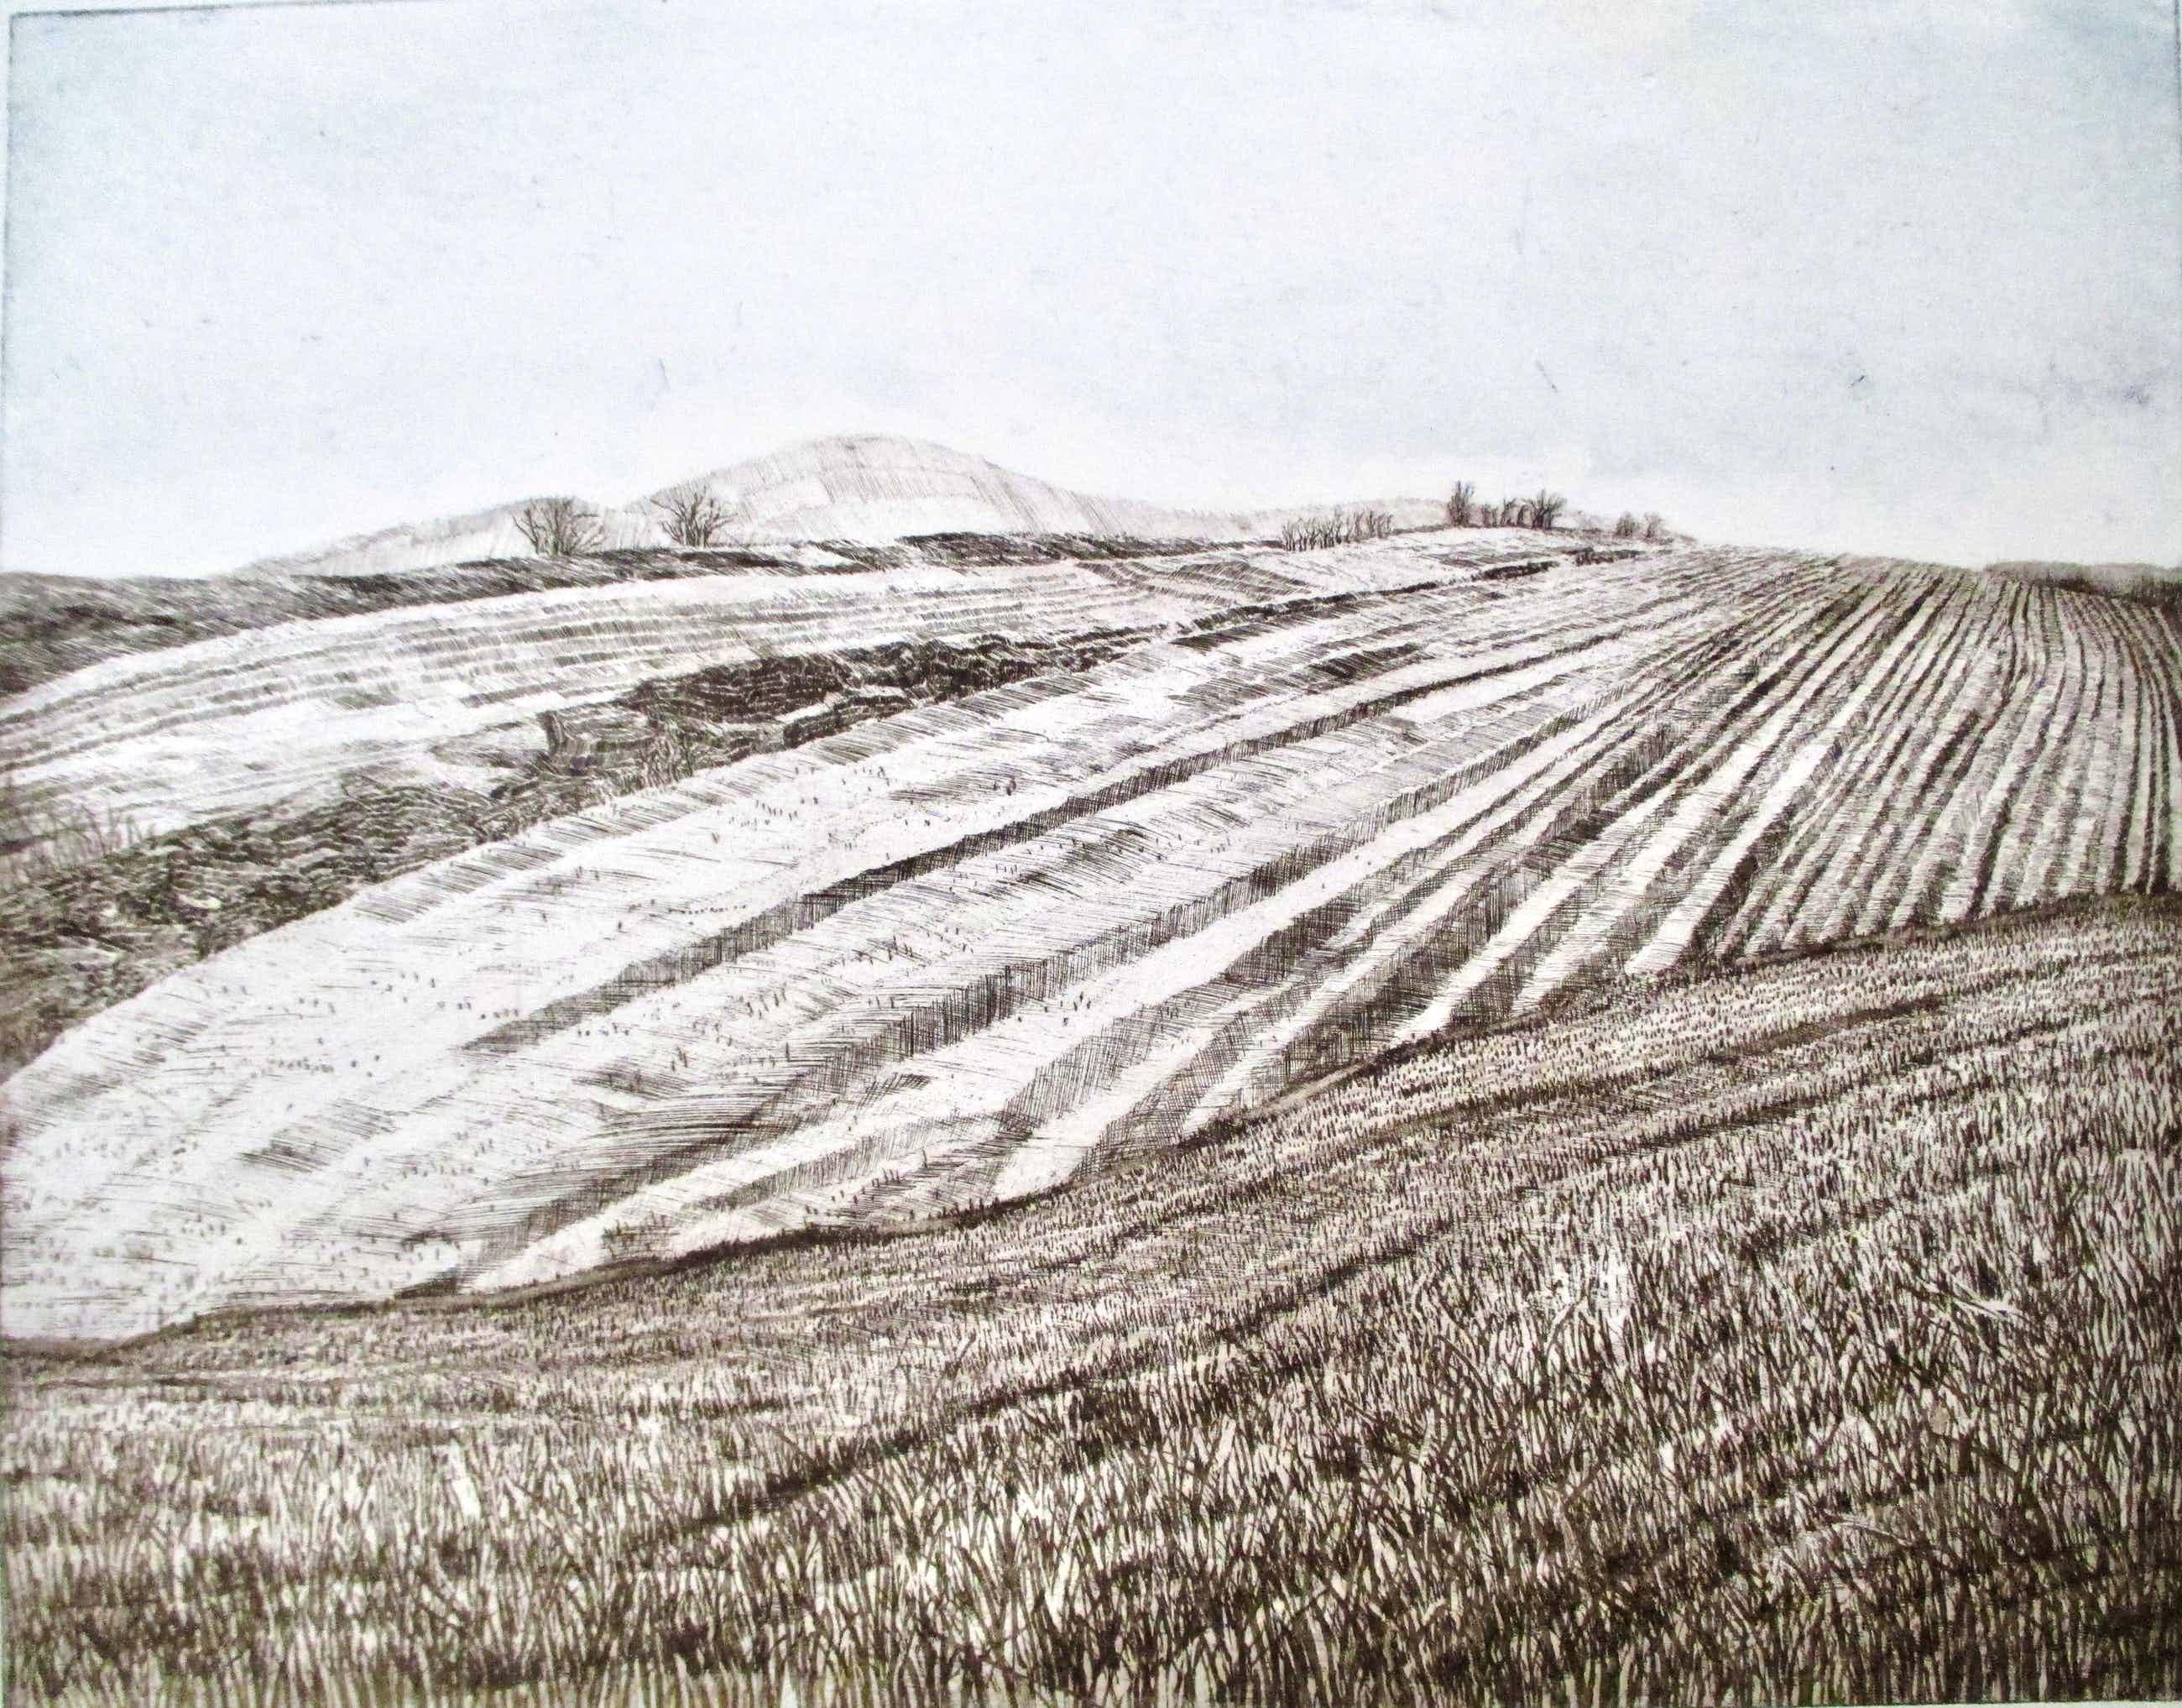 Peter Redeker - Ets Landschaft IIIb kopen? Bied vanaf 75!